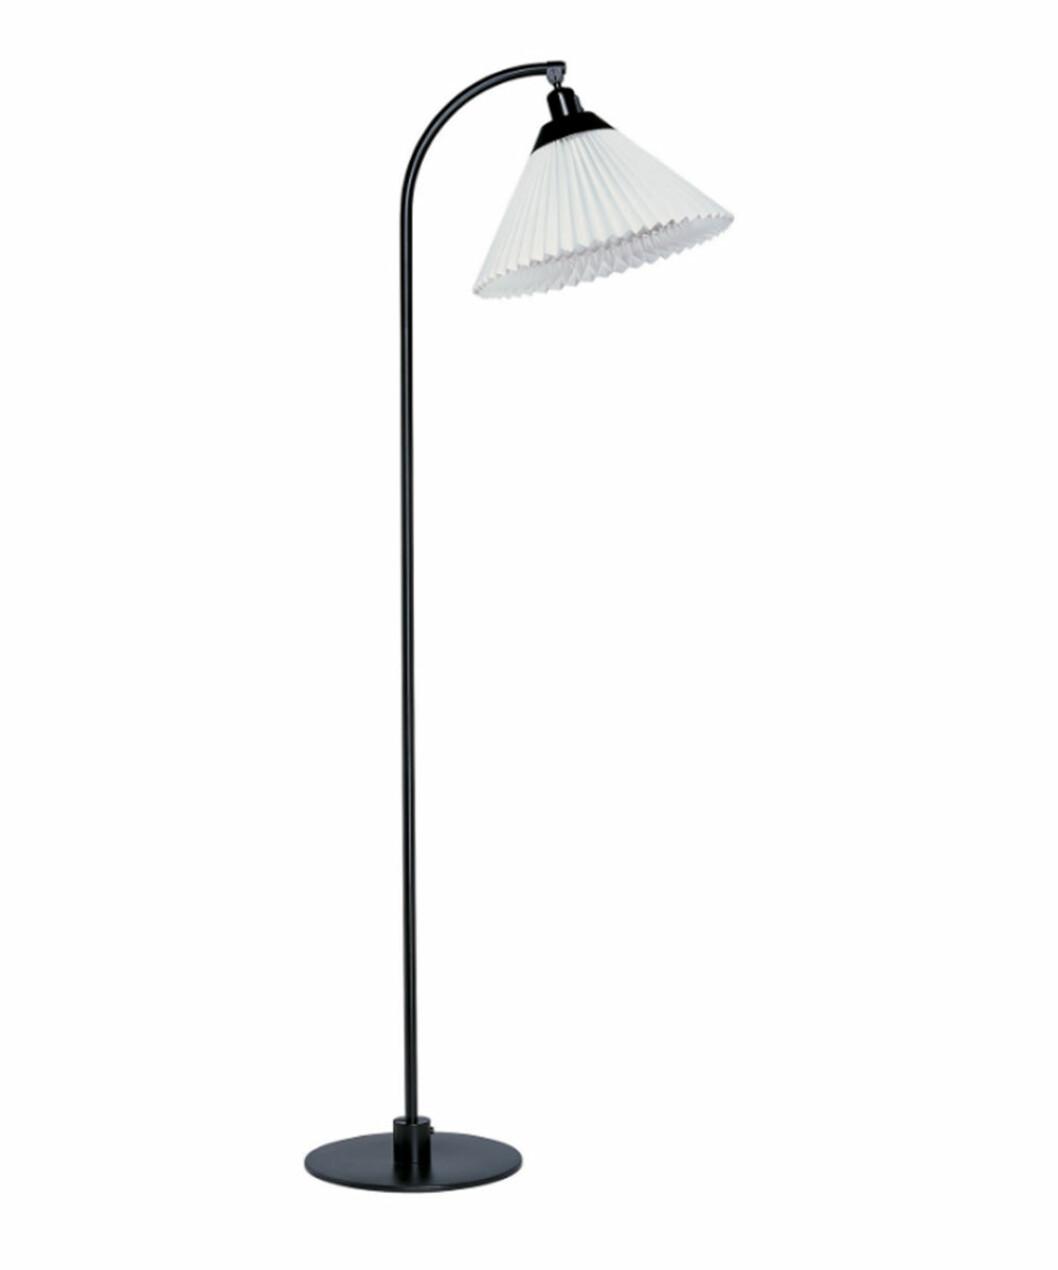 Golvlampa från Le Klint